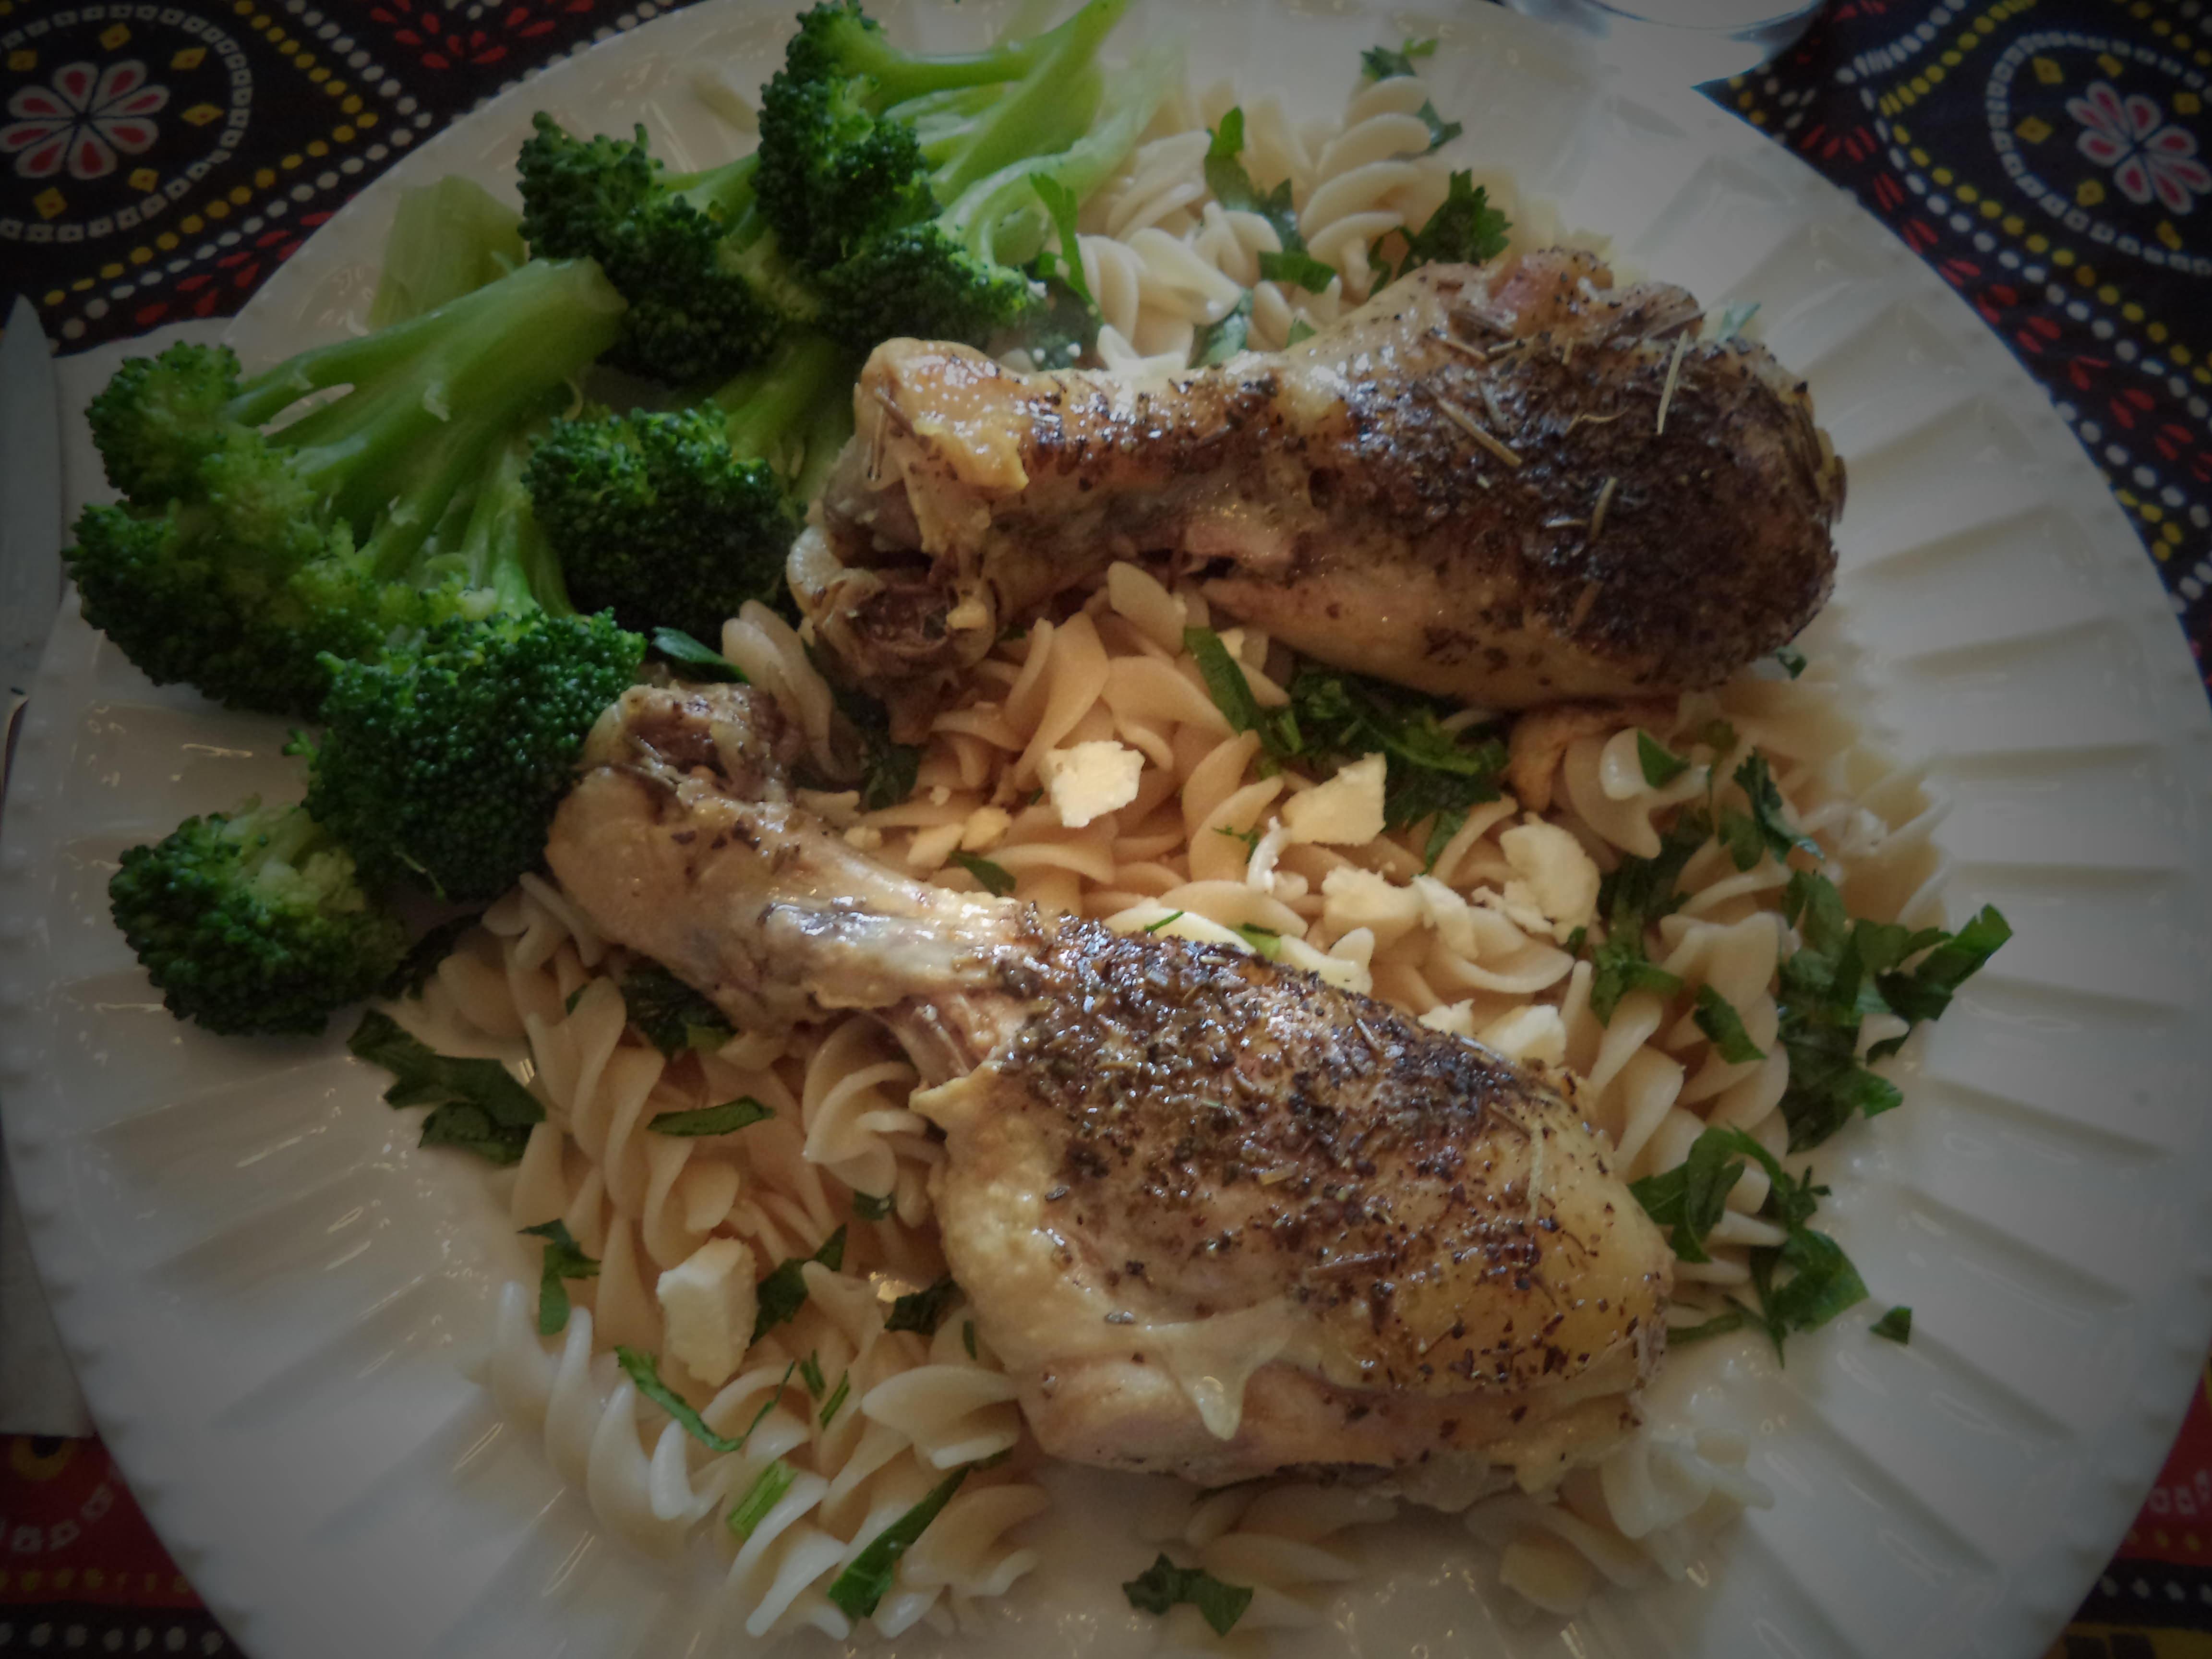 (Gluten-free) Slow Cooker Greek Chicken and Pasta